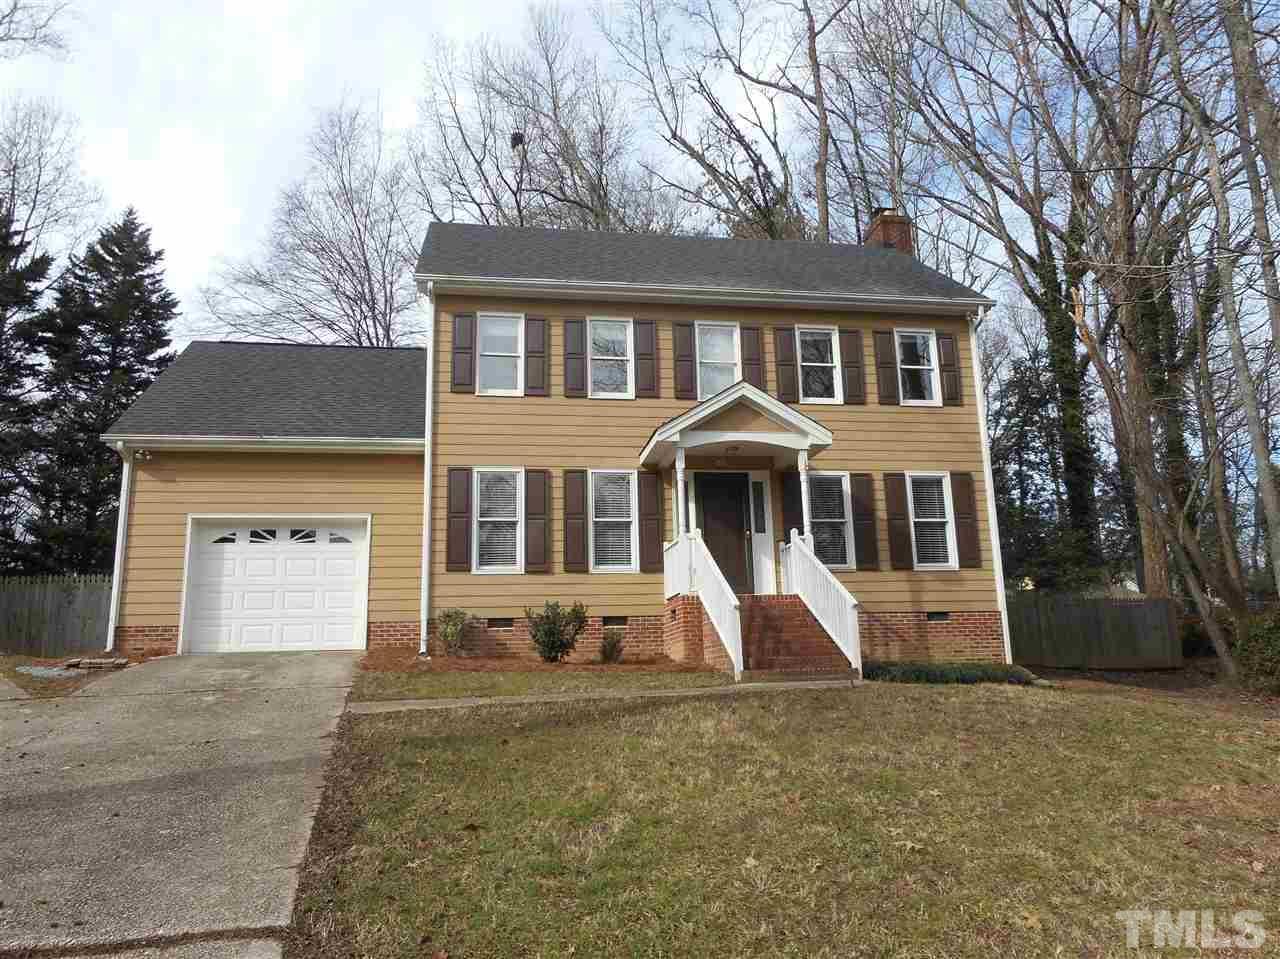 6813 Chasewick Cir, Raleigh, NC